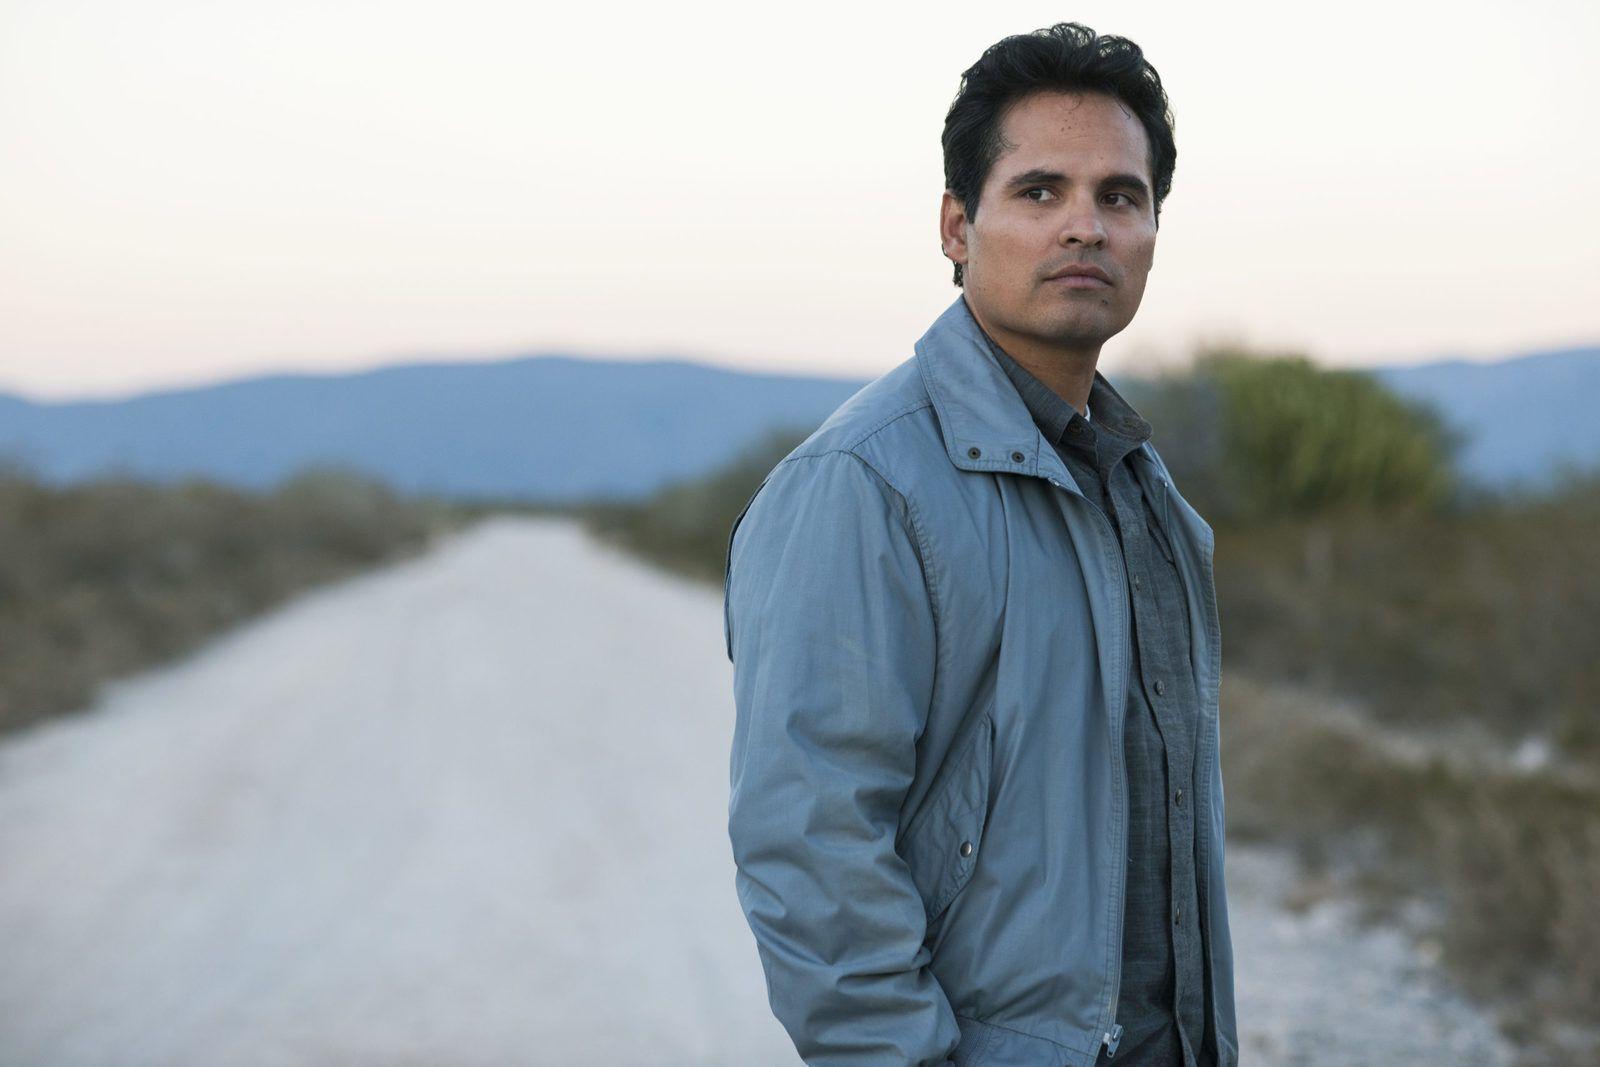 La saison 1 de Narcos : Mexico diffusée dès ce samedi soir sur Action.